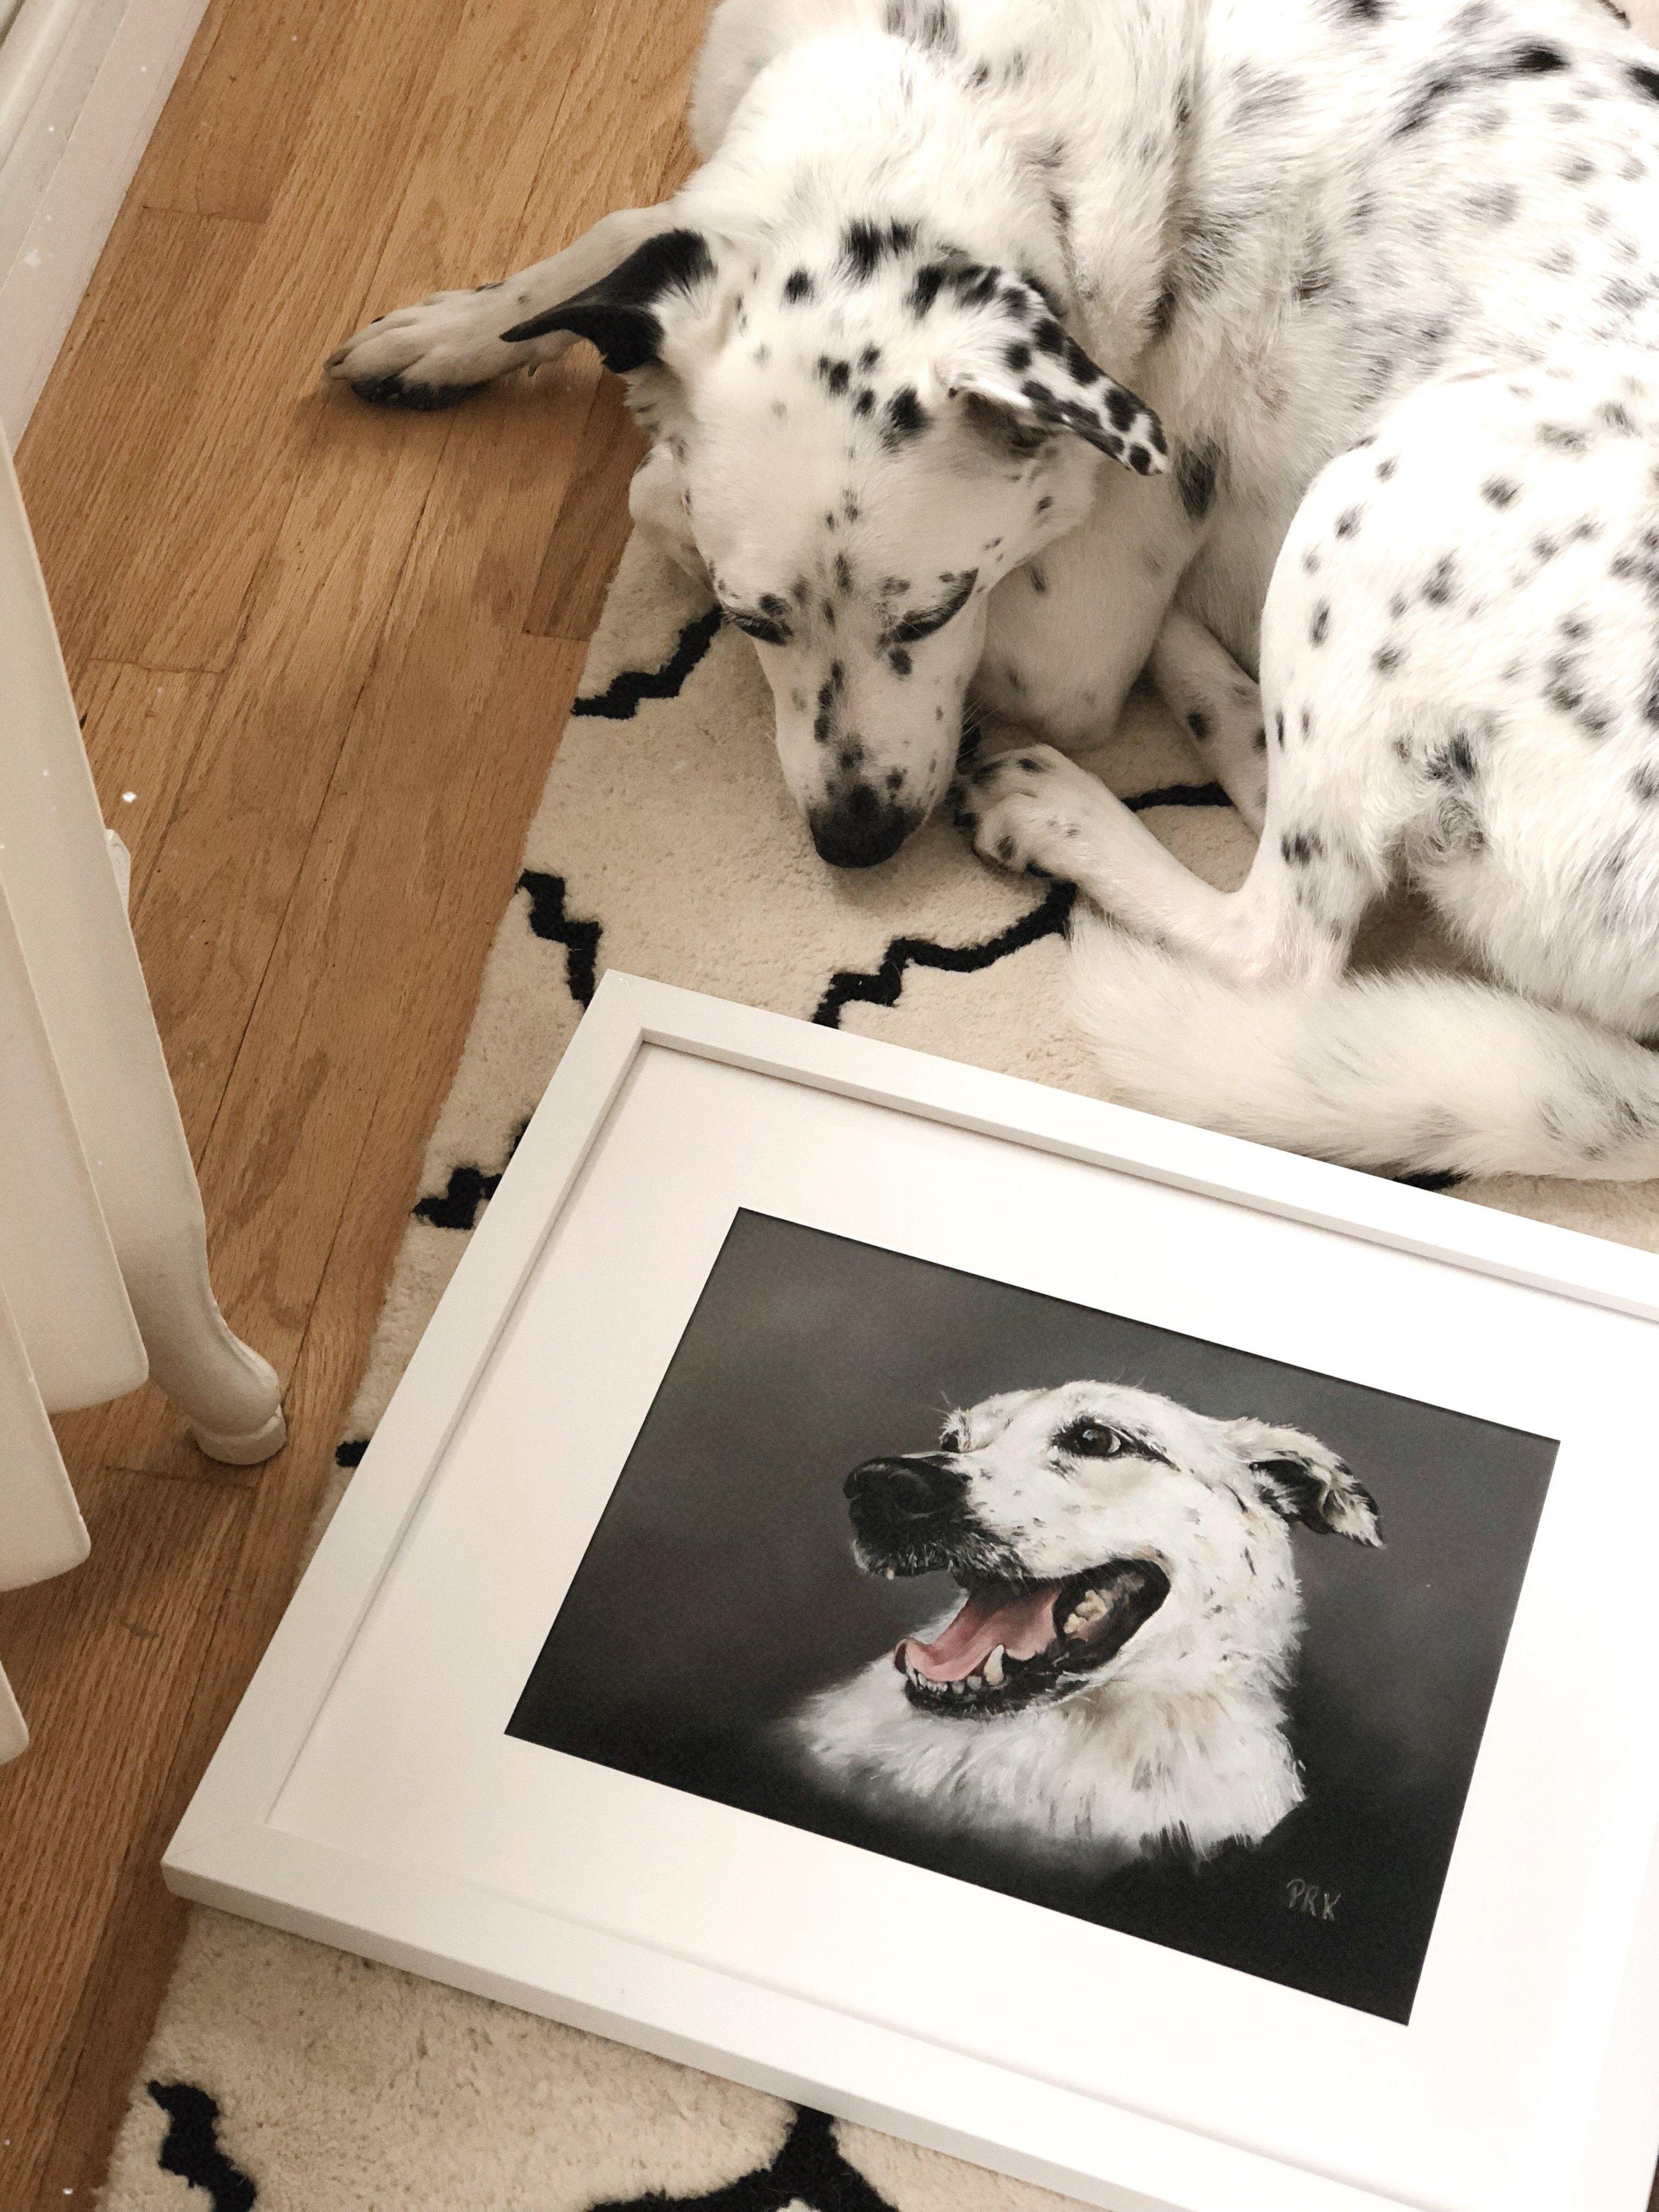 Pet portrait photo 2 .JPG